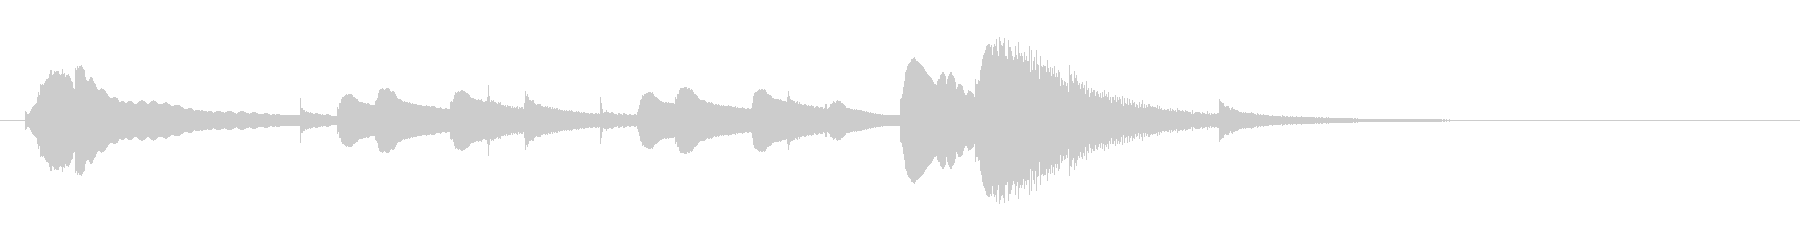 オルゴールジングル ドビュッシーの未再生の波形